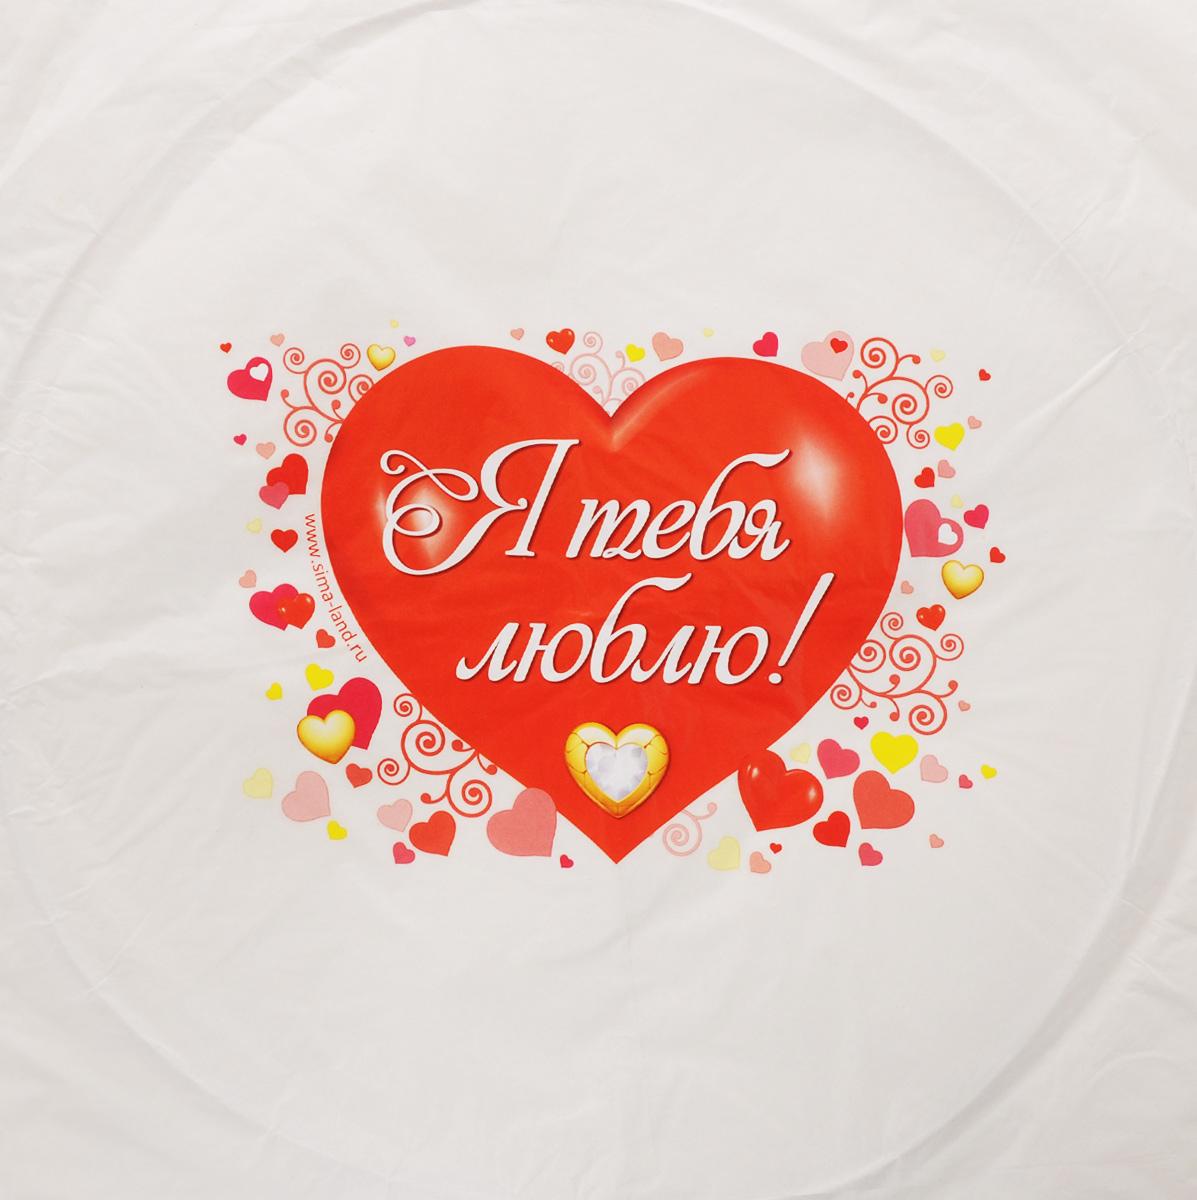 Фонарик бумажный Страна Карнавалия Я люблю тебя!, цвет: белый, красный, желтый330938_белыйКитайский бумажный фонарик Страна Карнавалия Я люблю тебя! с изображением сердца и надписью Я люблю тебя! станет оригинальным способом отметить любой праздник. С помощью фонарика можно признаться в любви, и даже поздравить с днем рождения любимого человека. На Востоке небесные фонарики пользуются большой популярностью. Перед запуском фонарика пишется записка с желанием и привязывается к его основанию. В качестве фитиля служит кусок воска, который входит в комплект. Высота полета фонарика может достигать 300 метров, при этом вы будете около 15 минут наблюдать за яркой, курсирующей по небу точкой. С бумажным фонариком Страна Карнавалия Я люблю тебя! ваш праздник обретет неповторимую атмосферу.